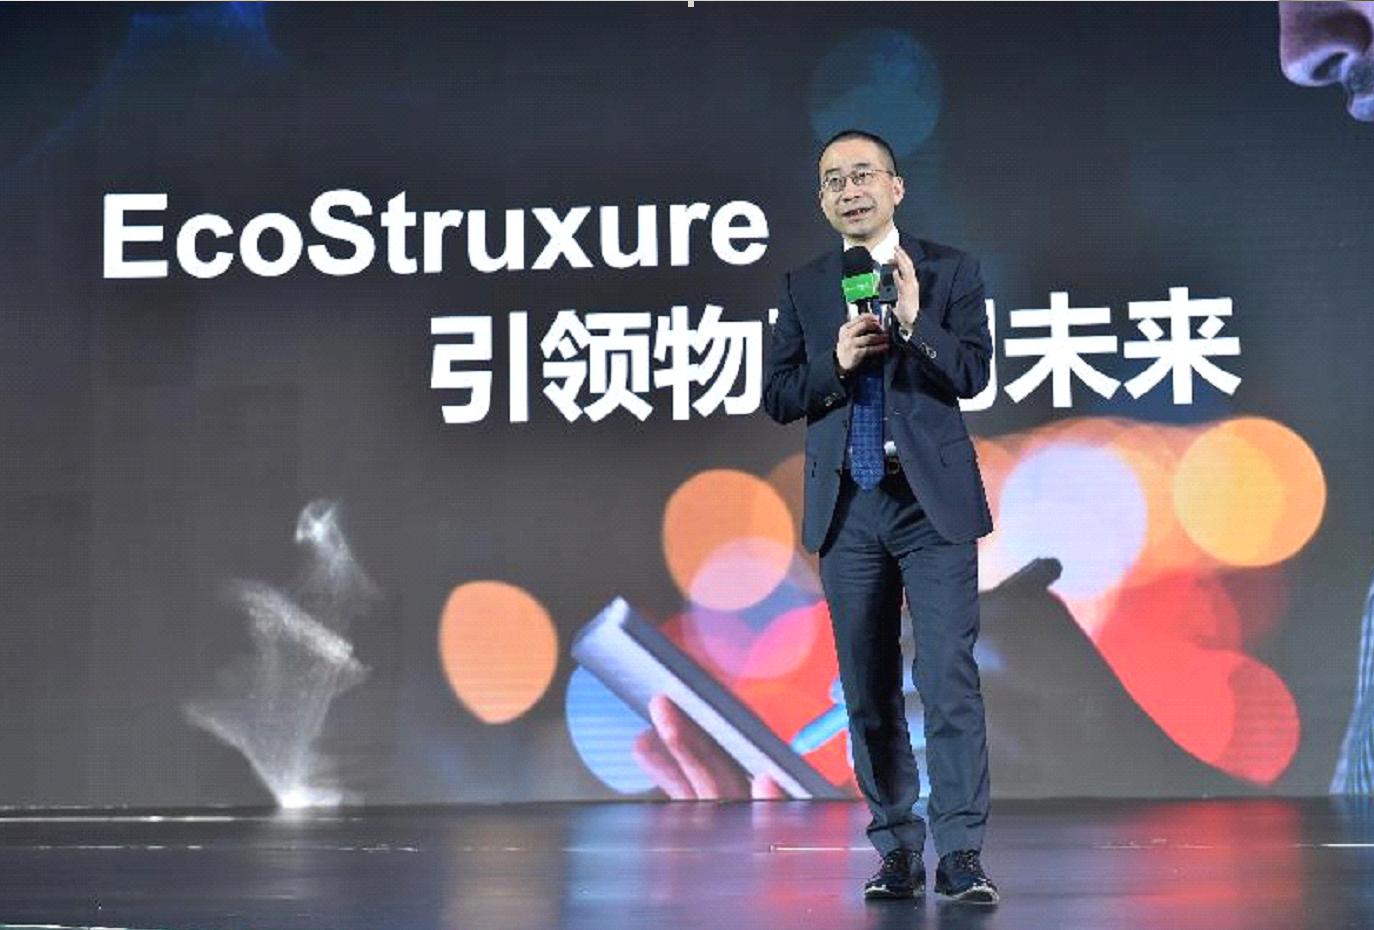 施耐德电气创新峰会 推出EcoStruxureTM架构与平台